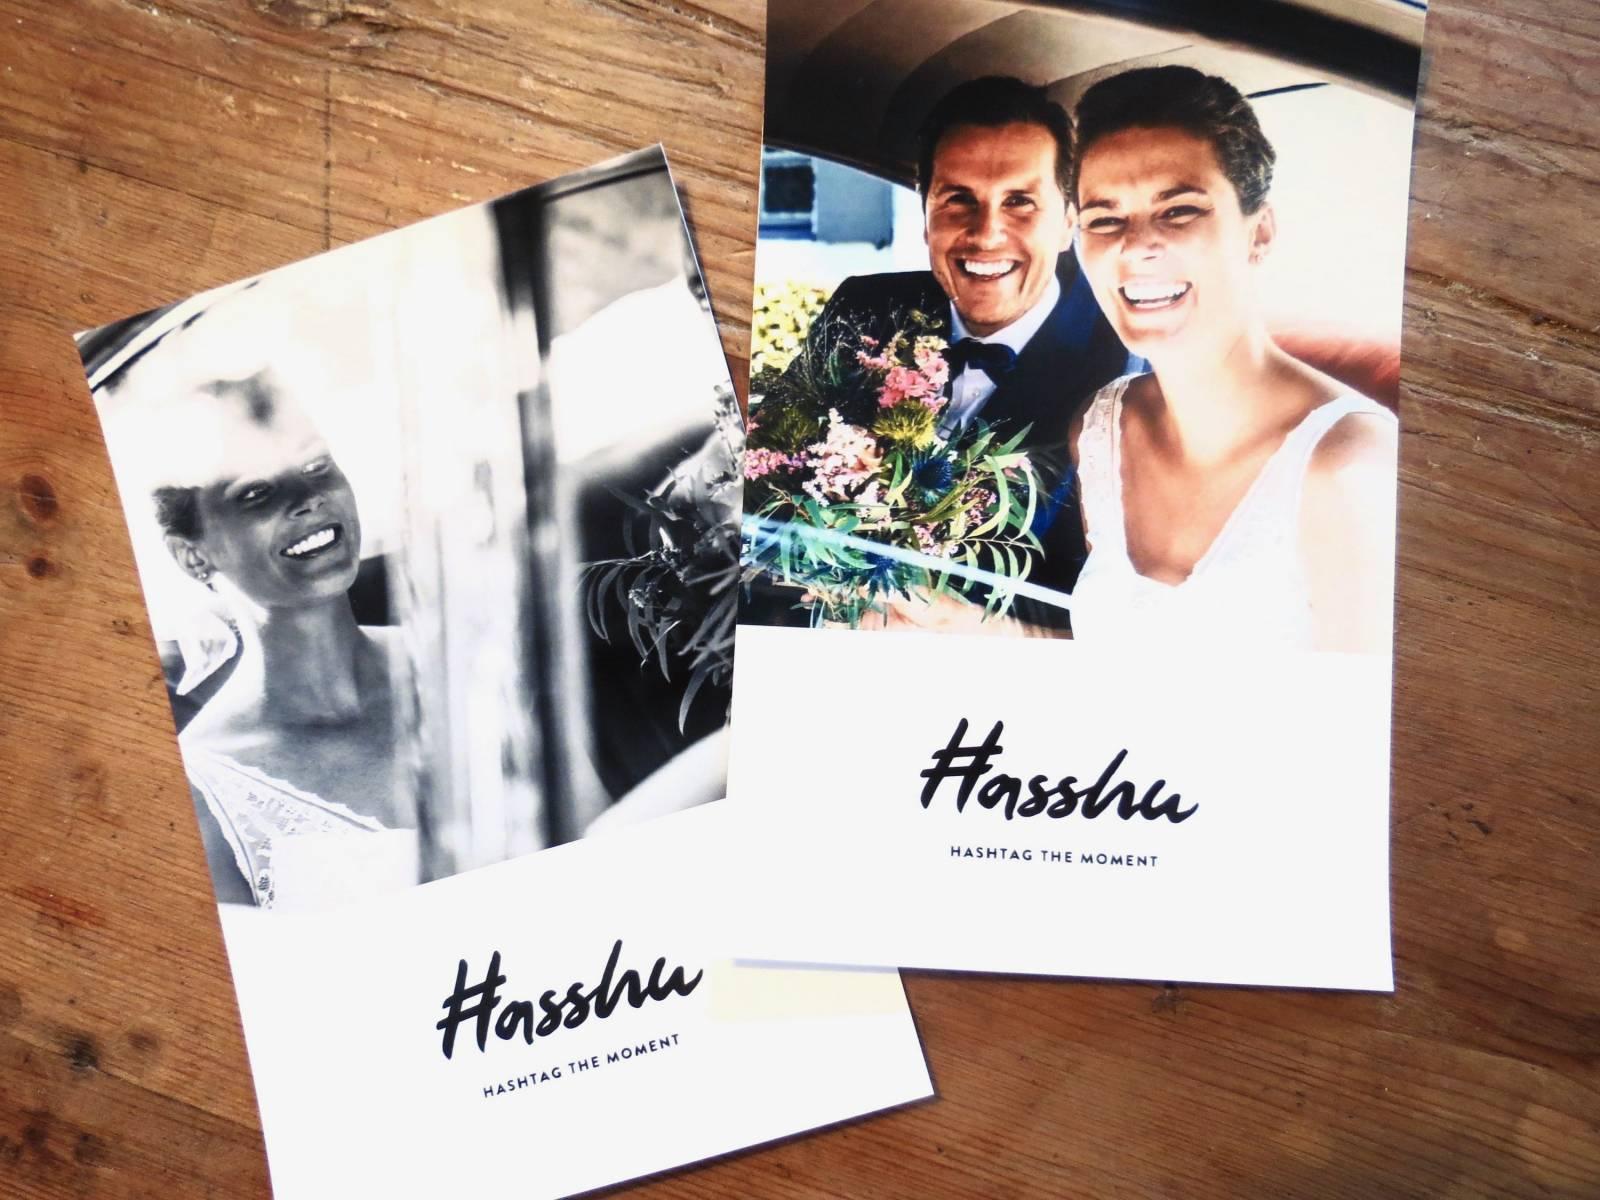 Hasshu - House of Weddings - 2